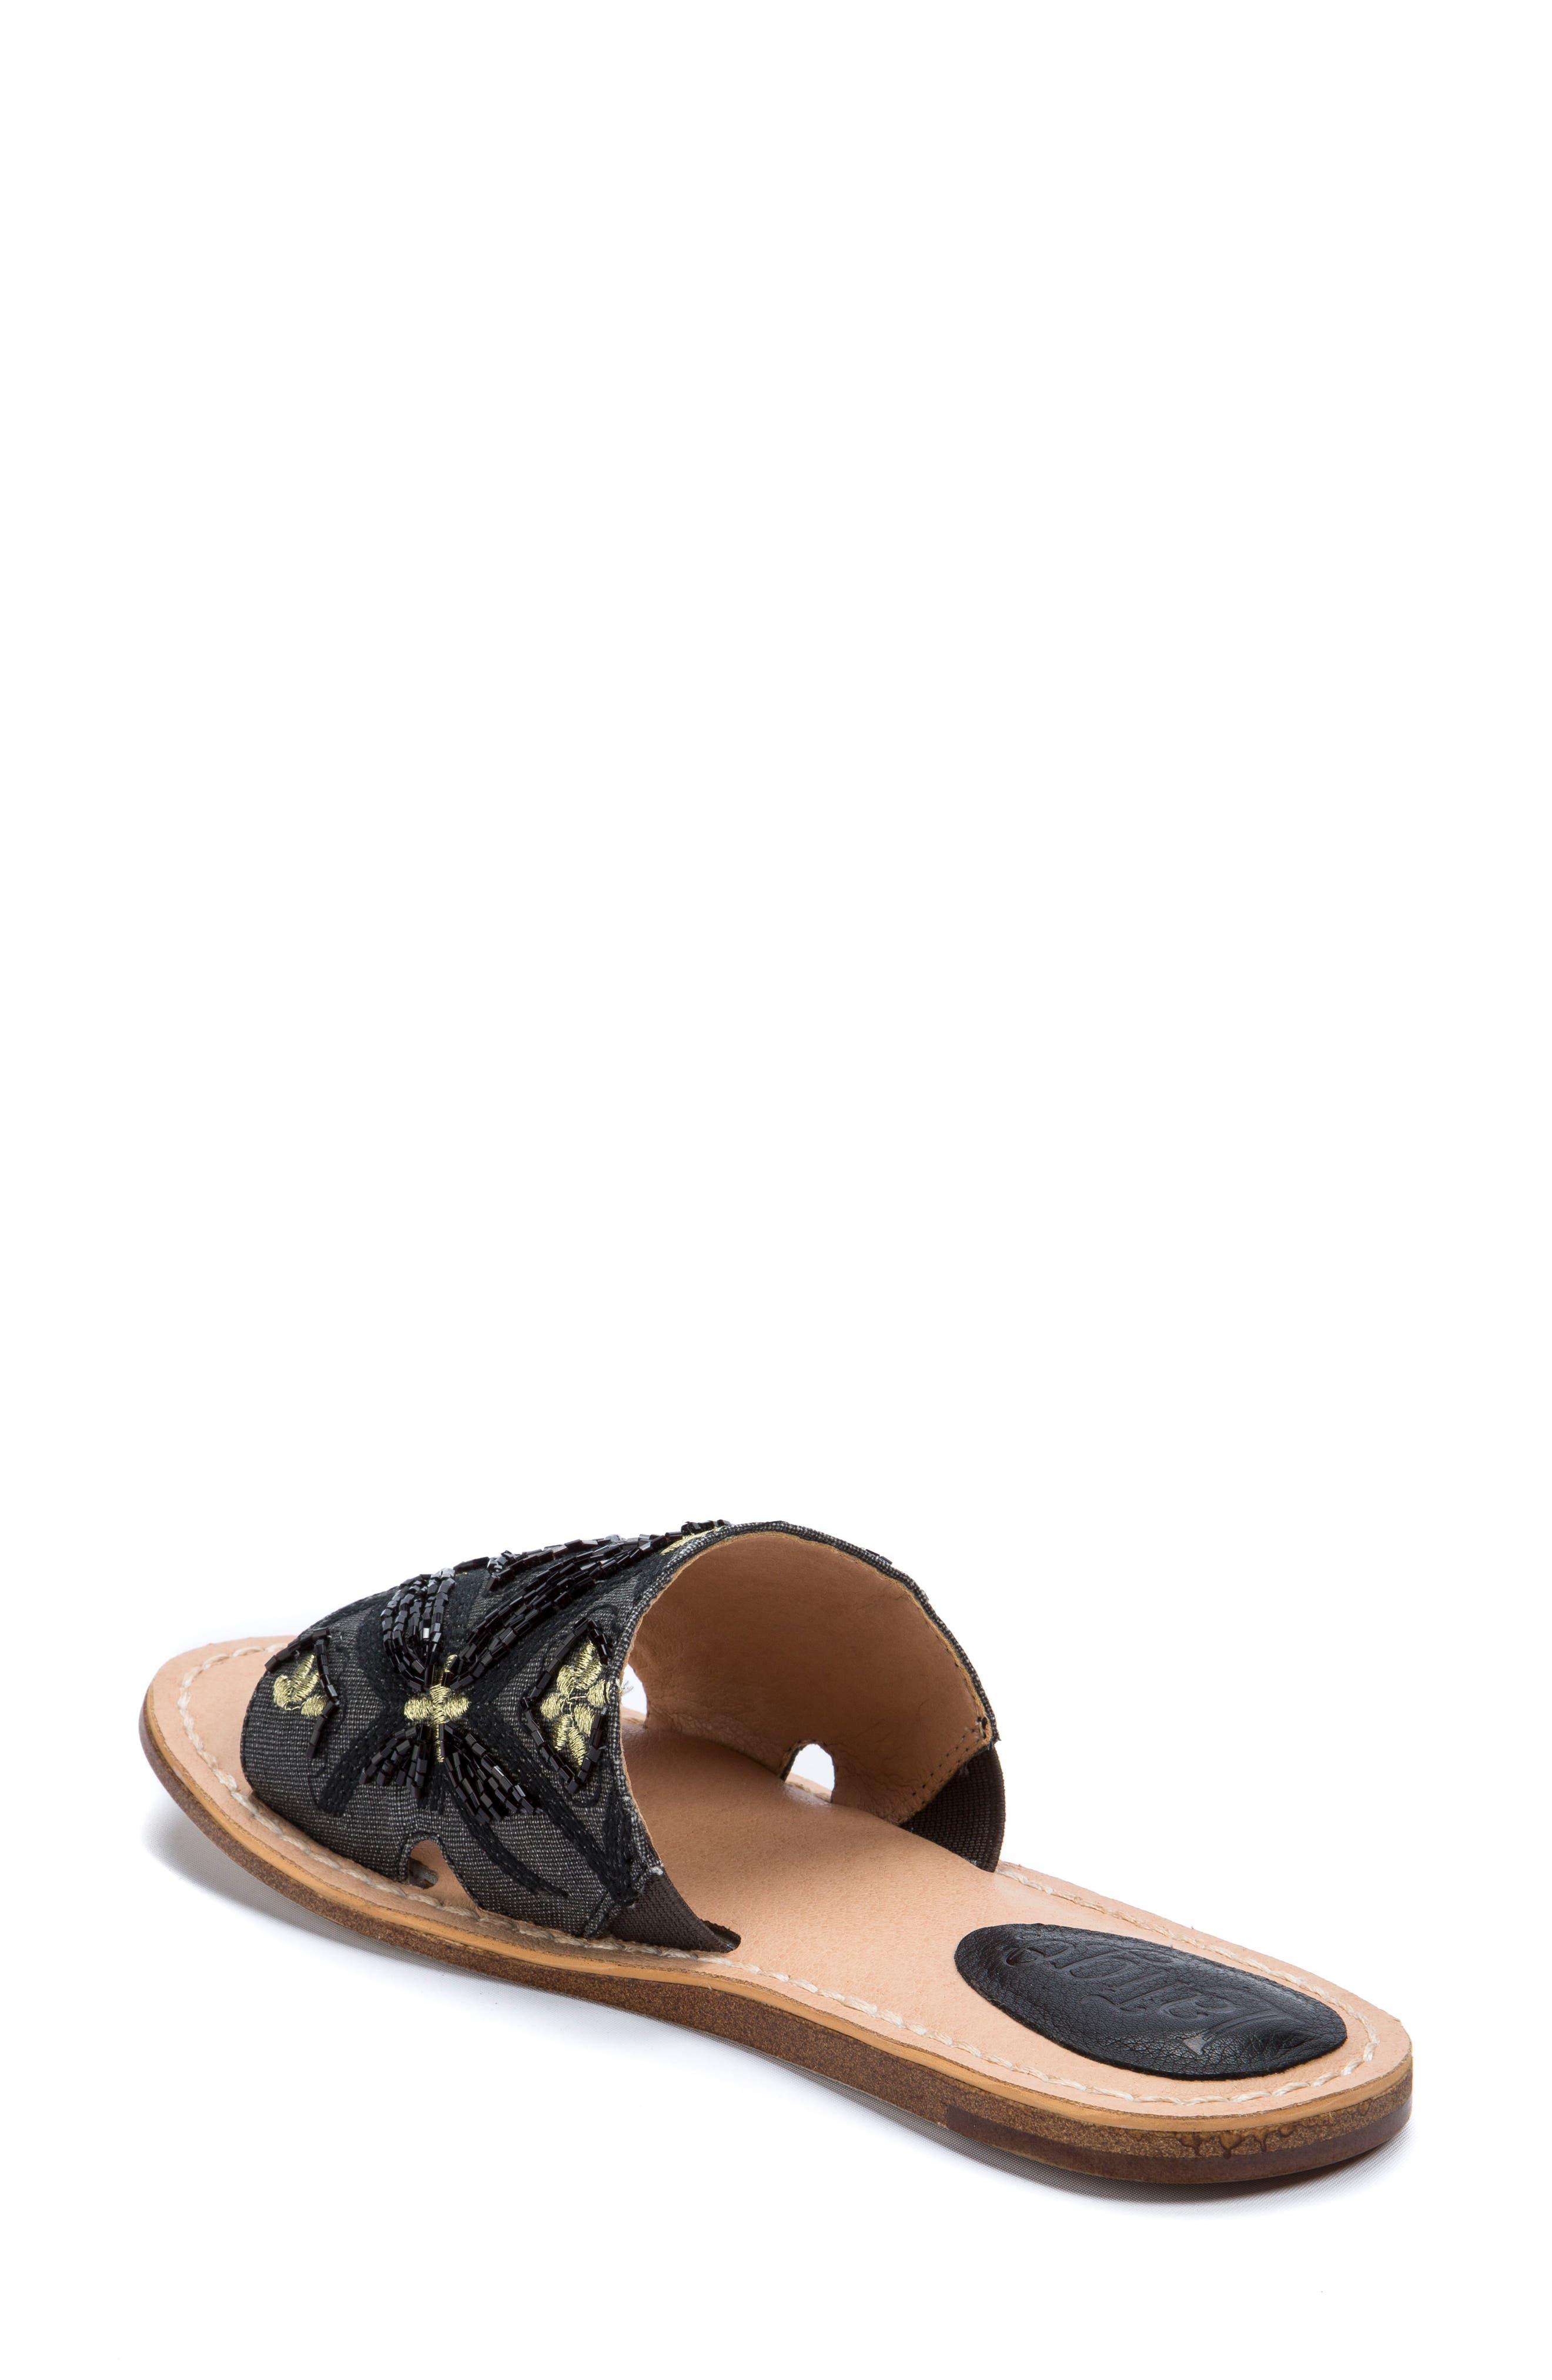 Vella Embellished Slide Sandal,                             Alternate thumbnail 2, color,                             001